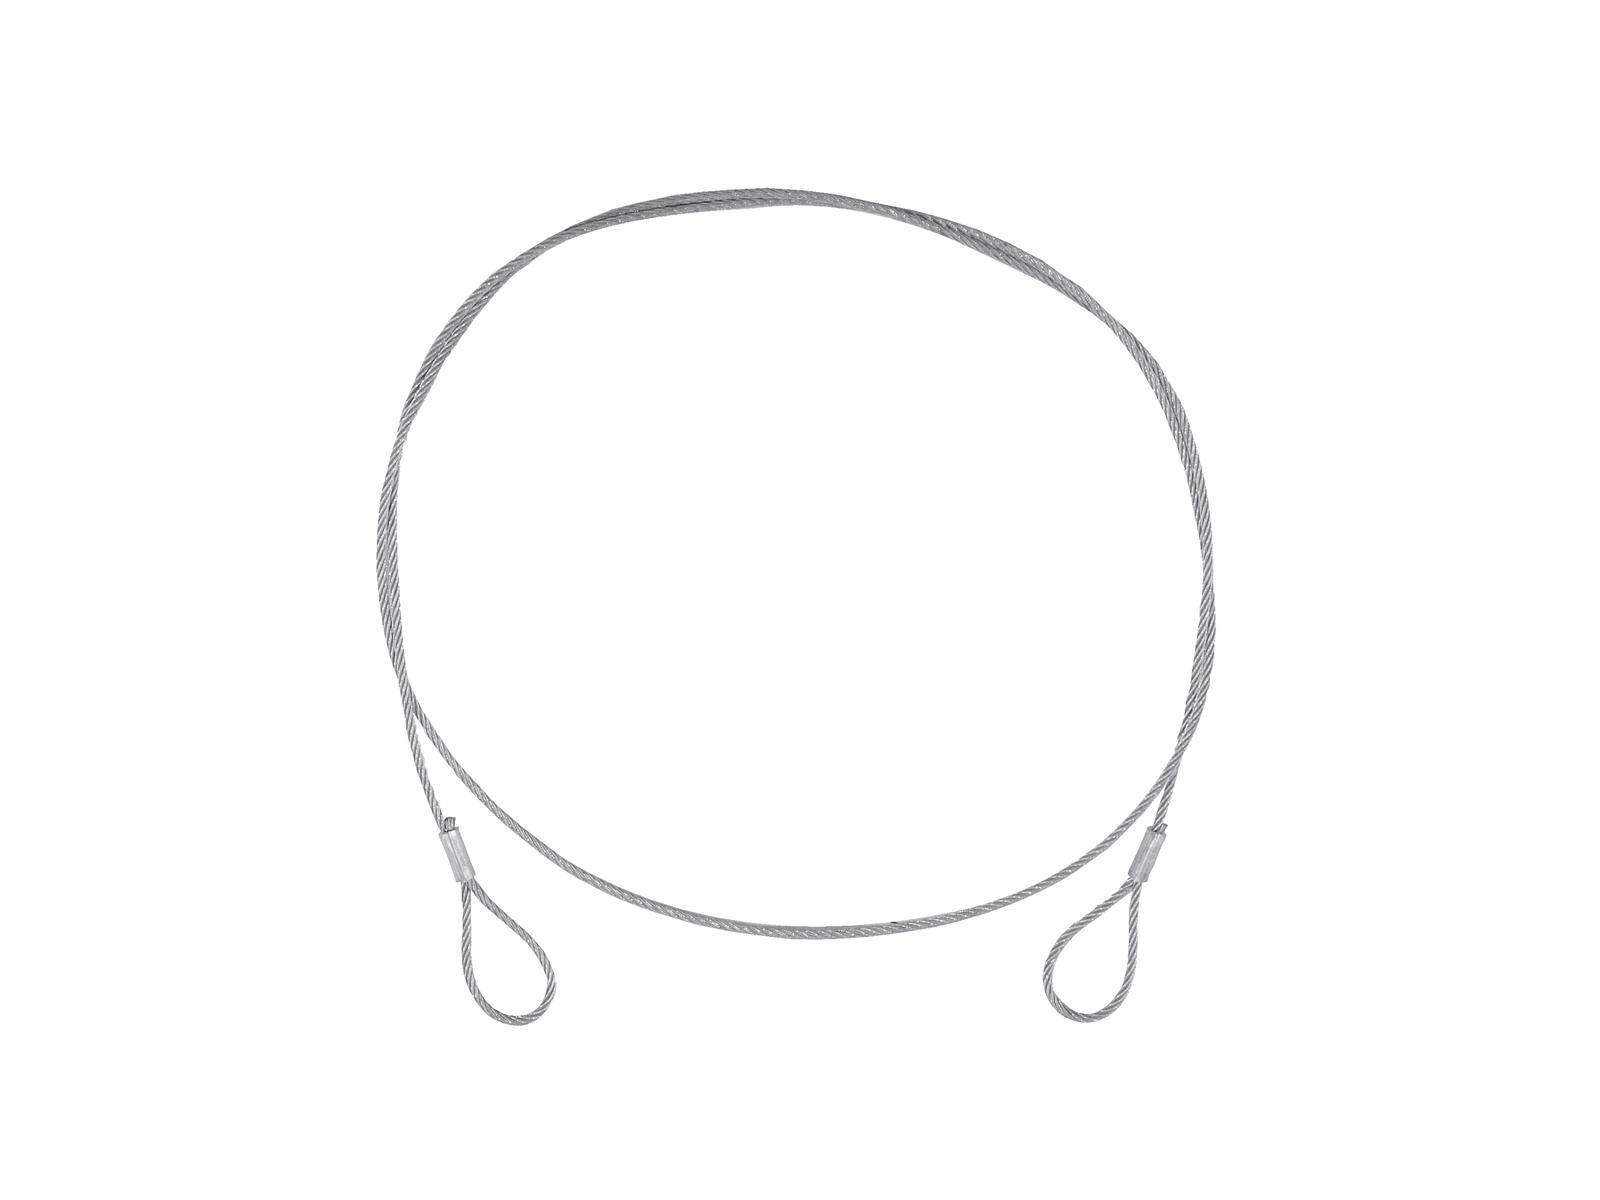 EUROLITE Stahlseil (FC) 900x3mm silber ohne Verbinder